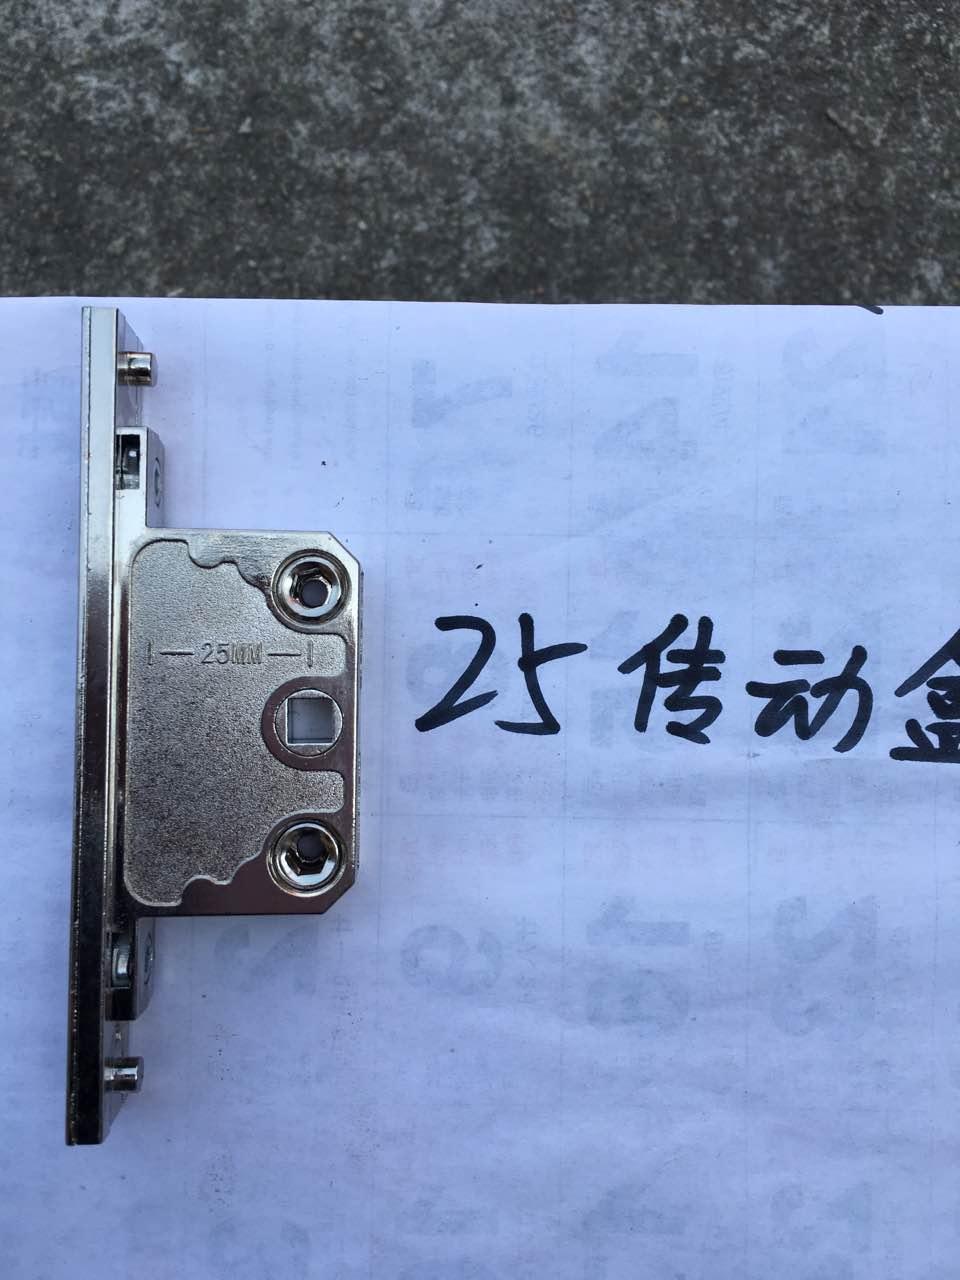 25传动锁盒 25传动锁盒批发 25传动锁盒厂商 高要25传动锁盒